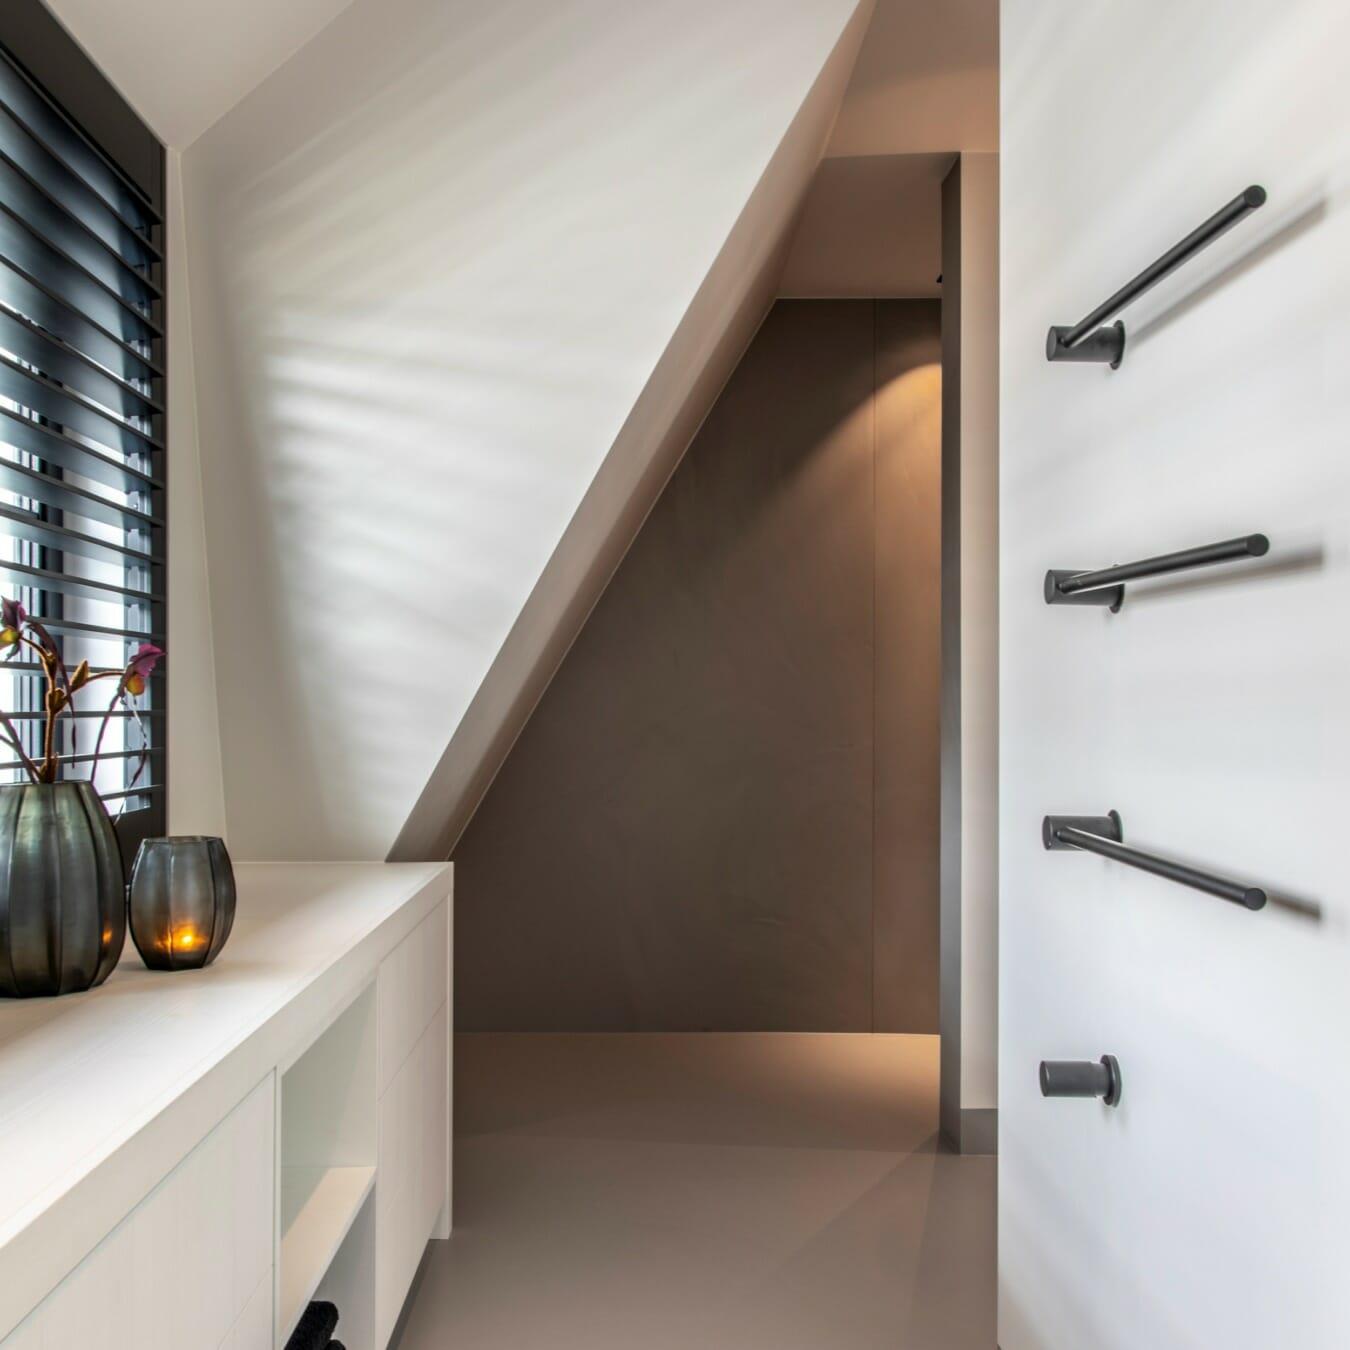 Piet Boon shutters